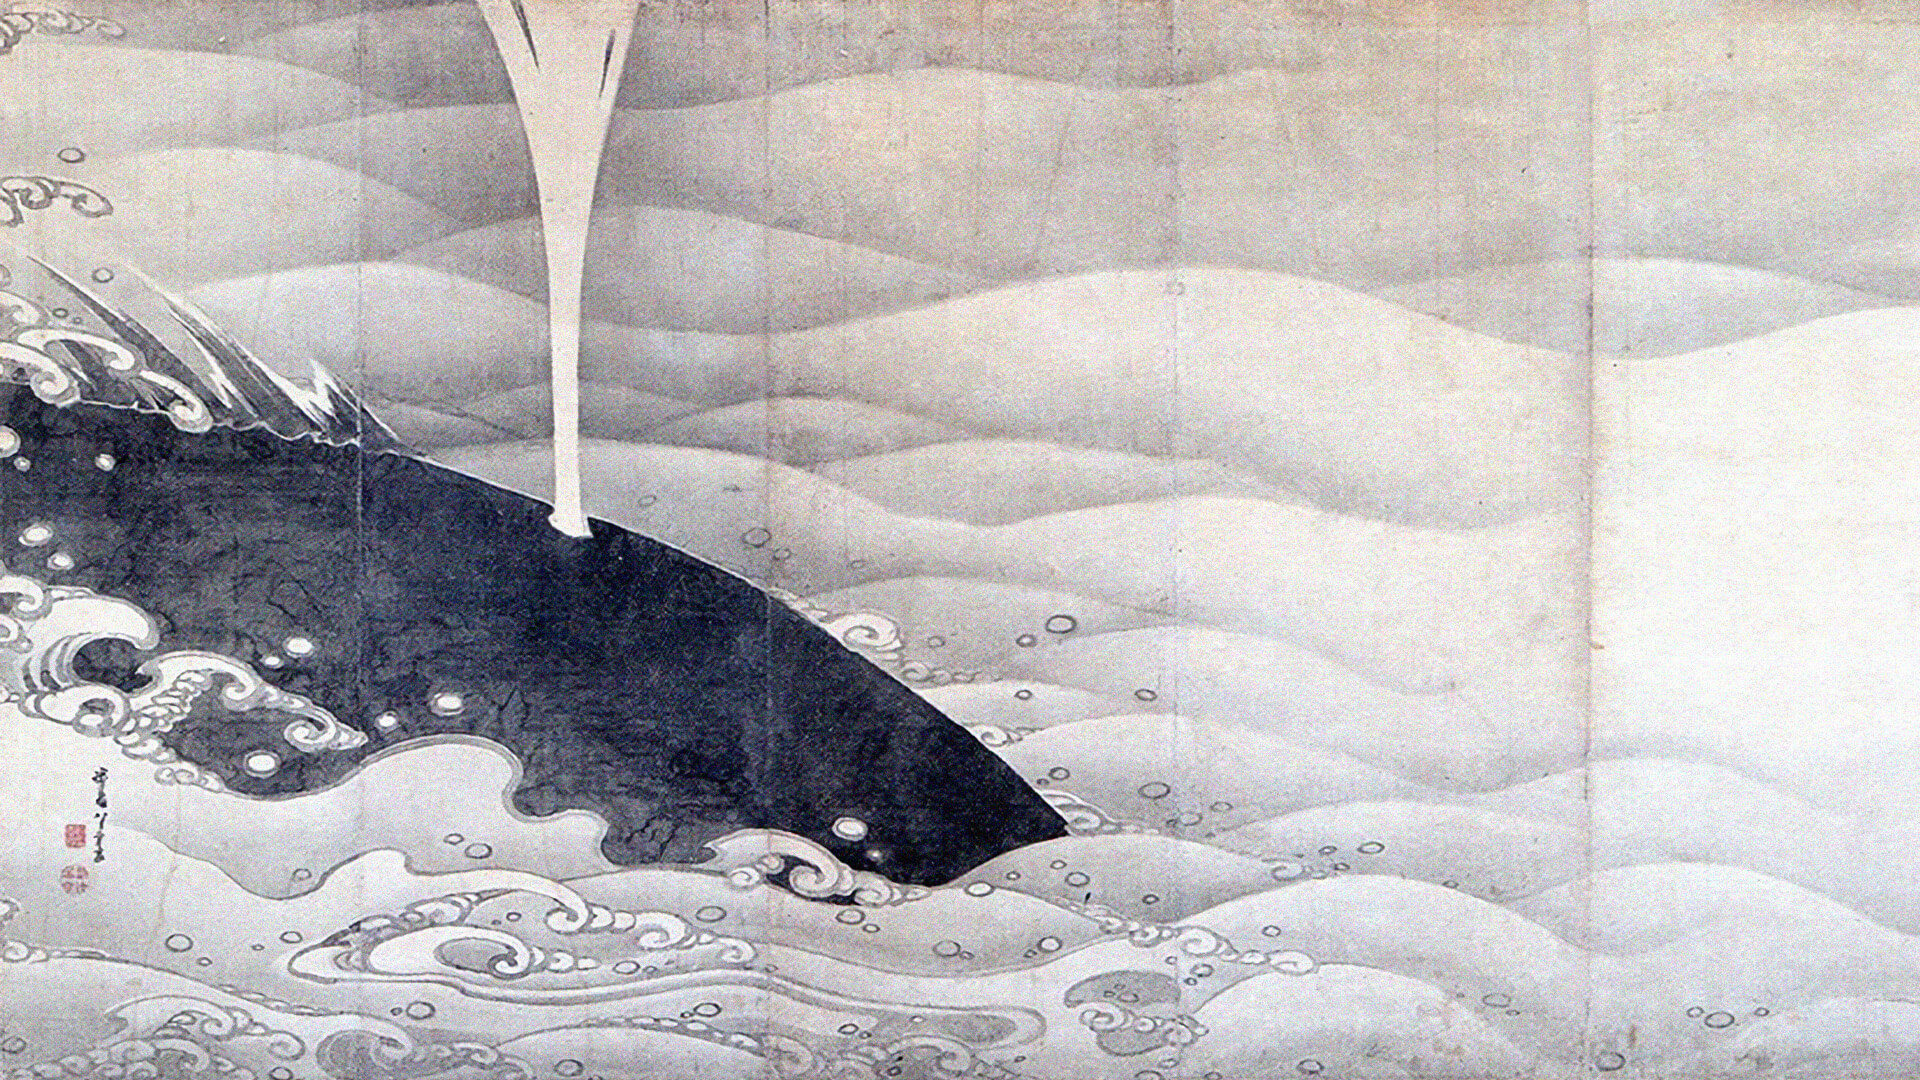 ito jyakuchu-zou to kujira zubyoubu(kujira)_1920x1080